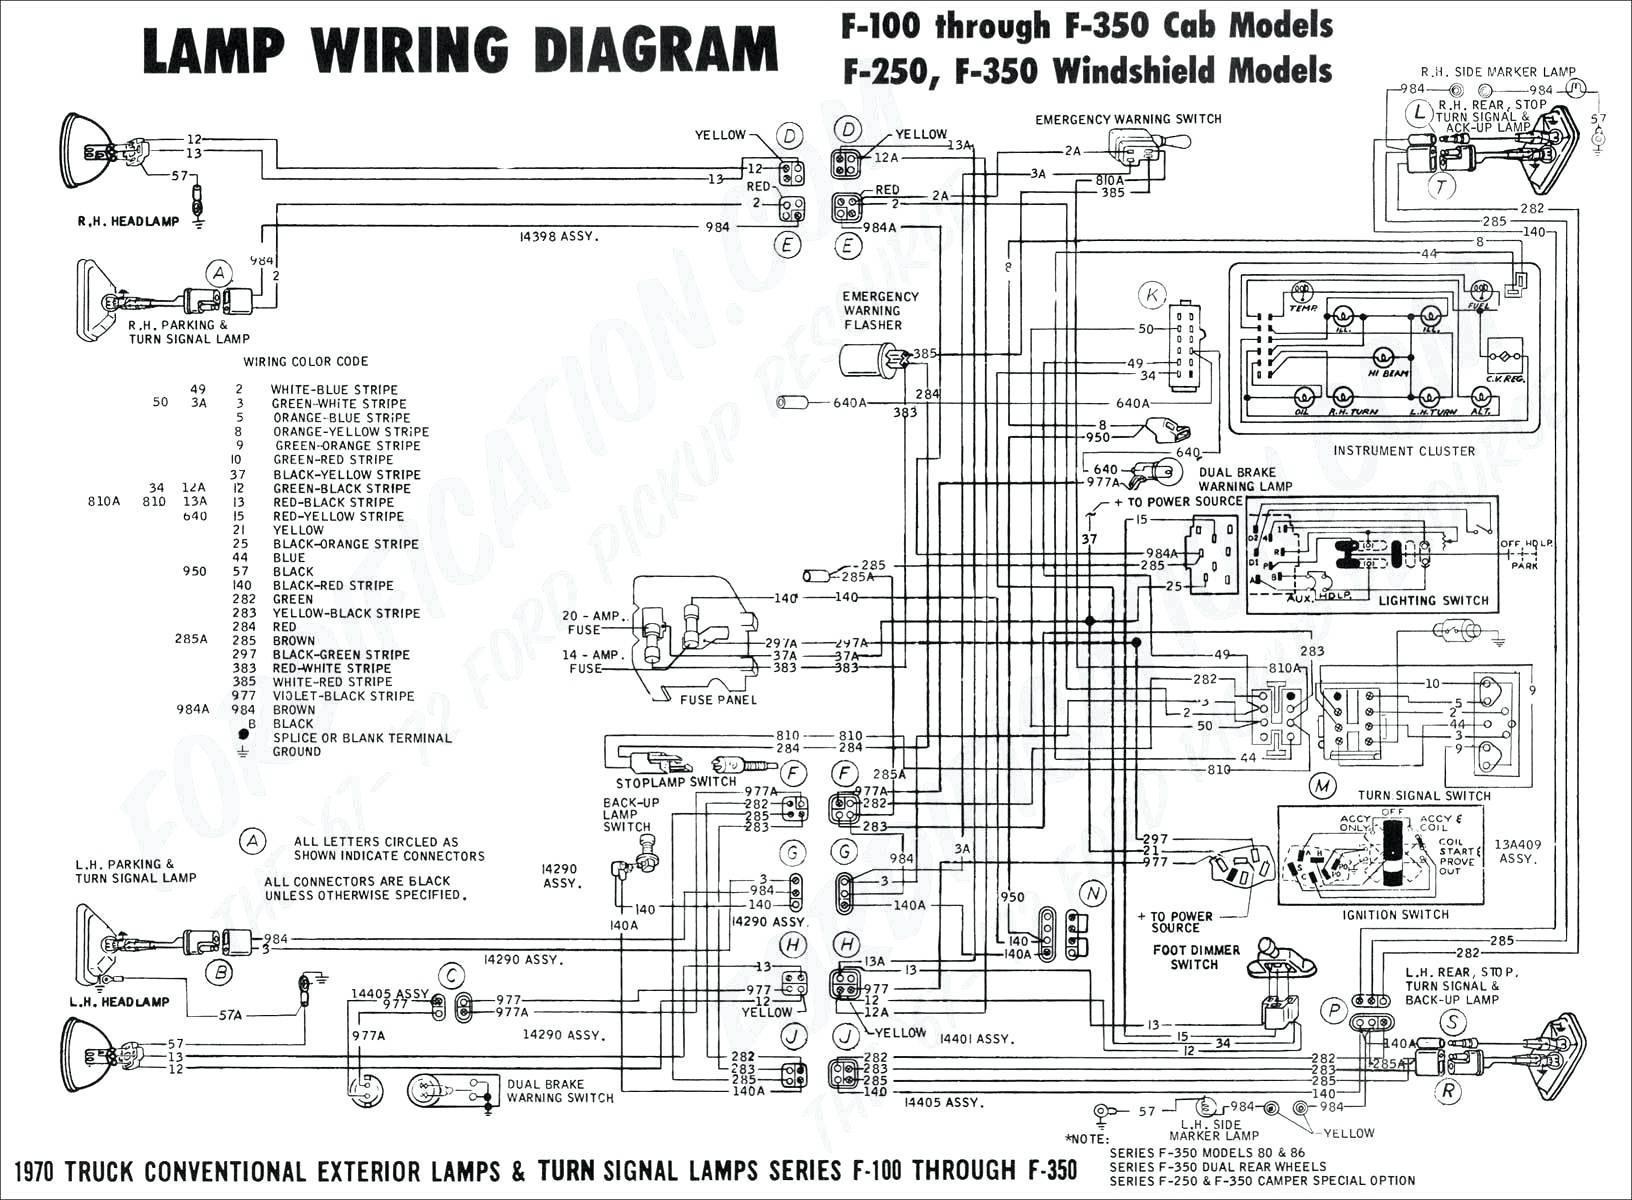 Vehicle Ac System Diagram Wiring Diagram Car Ac Best 2004 Silverado Ac Schematic Schematics Of Vehicle Ac System Diagram